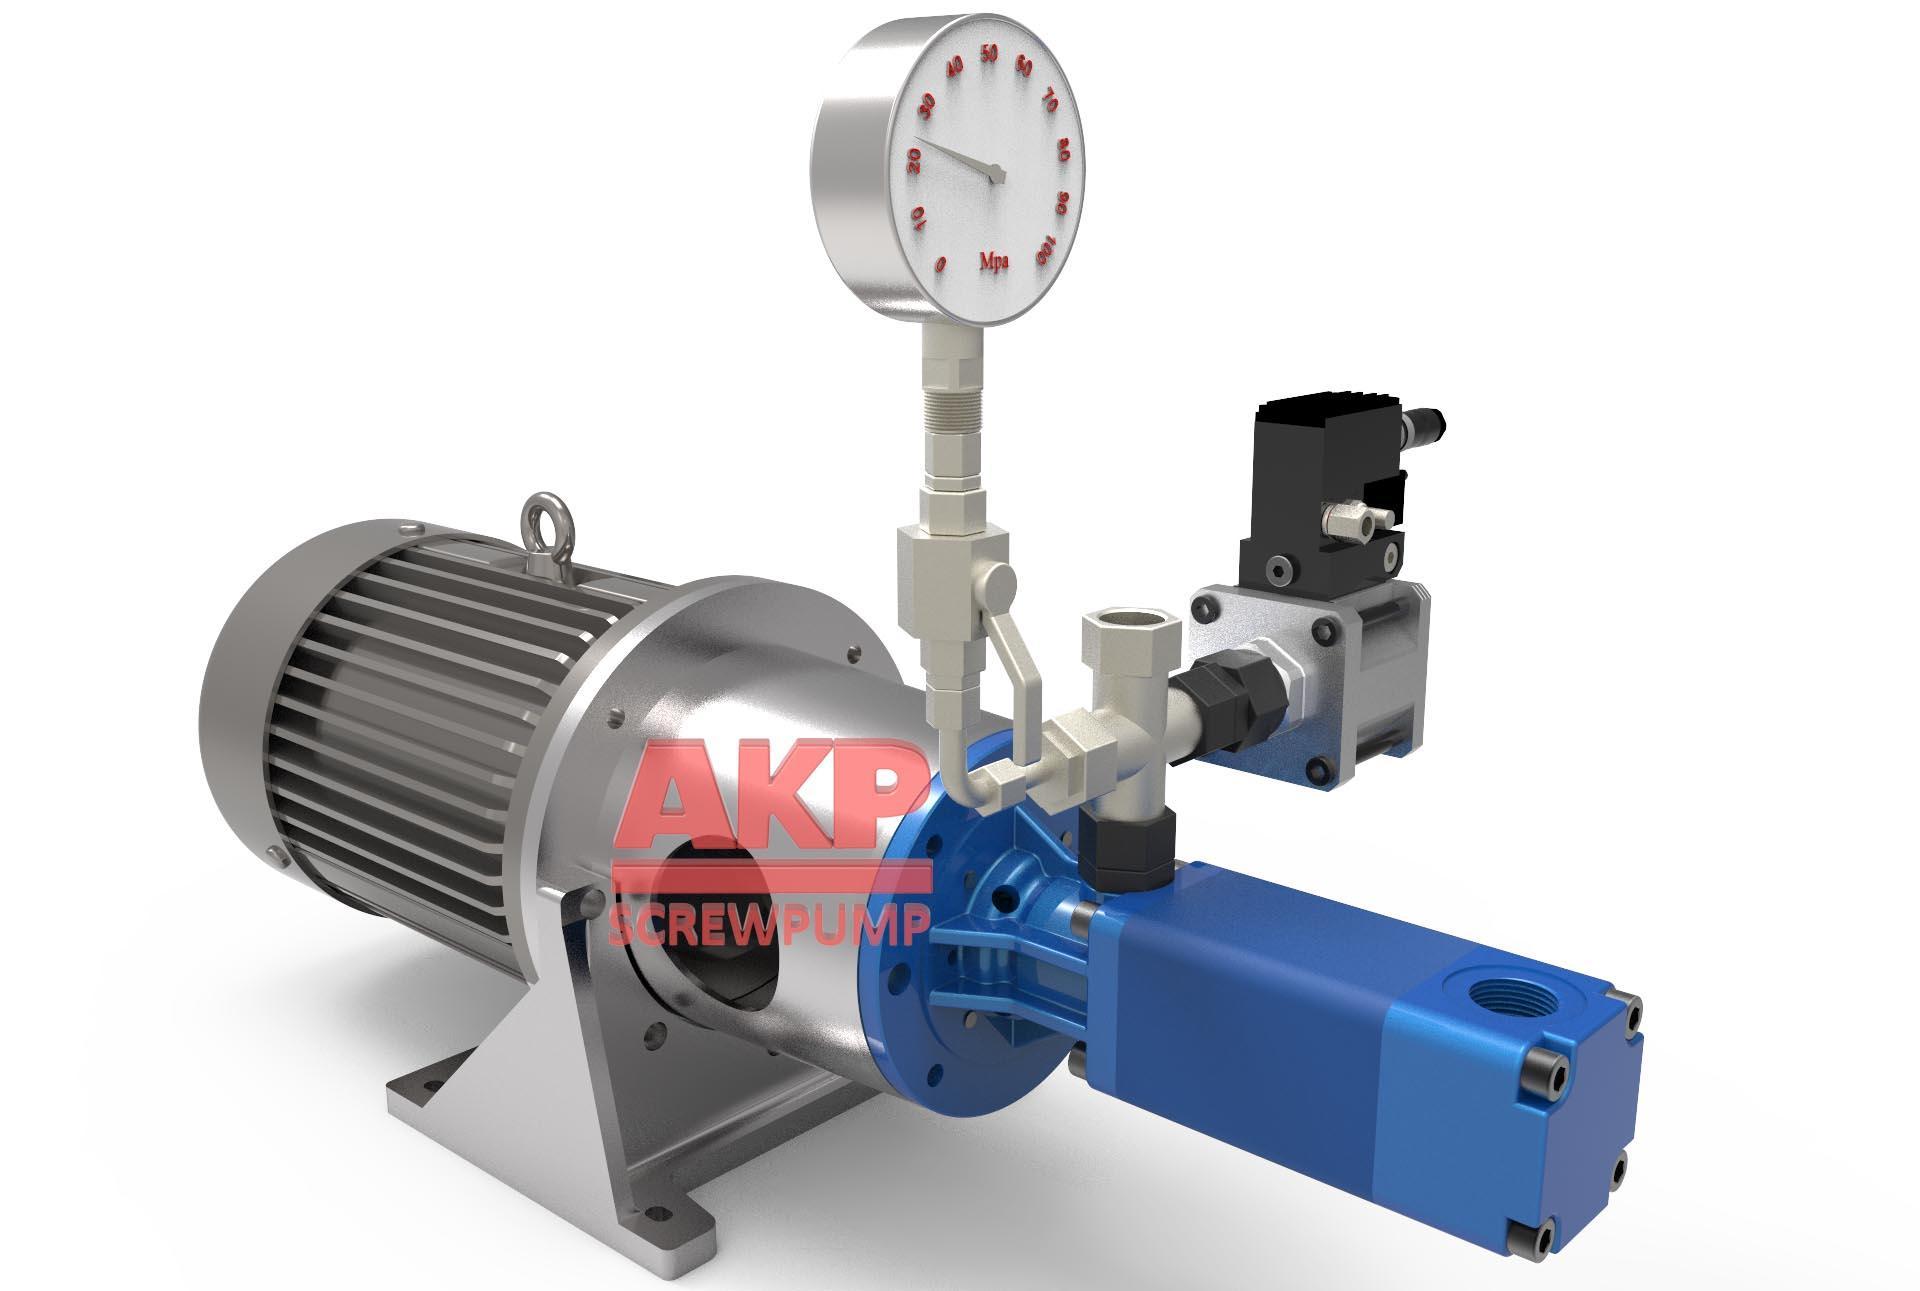 高压机床冷却泵ATS25-60-S-L-A-G-KB主轴中心出水刀具冷却排屑断屑现货 1